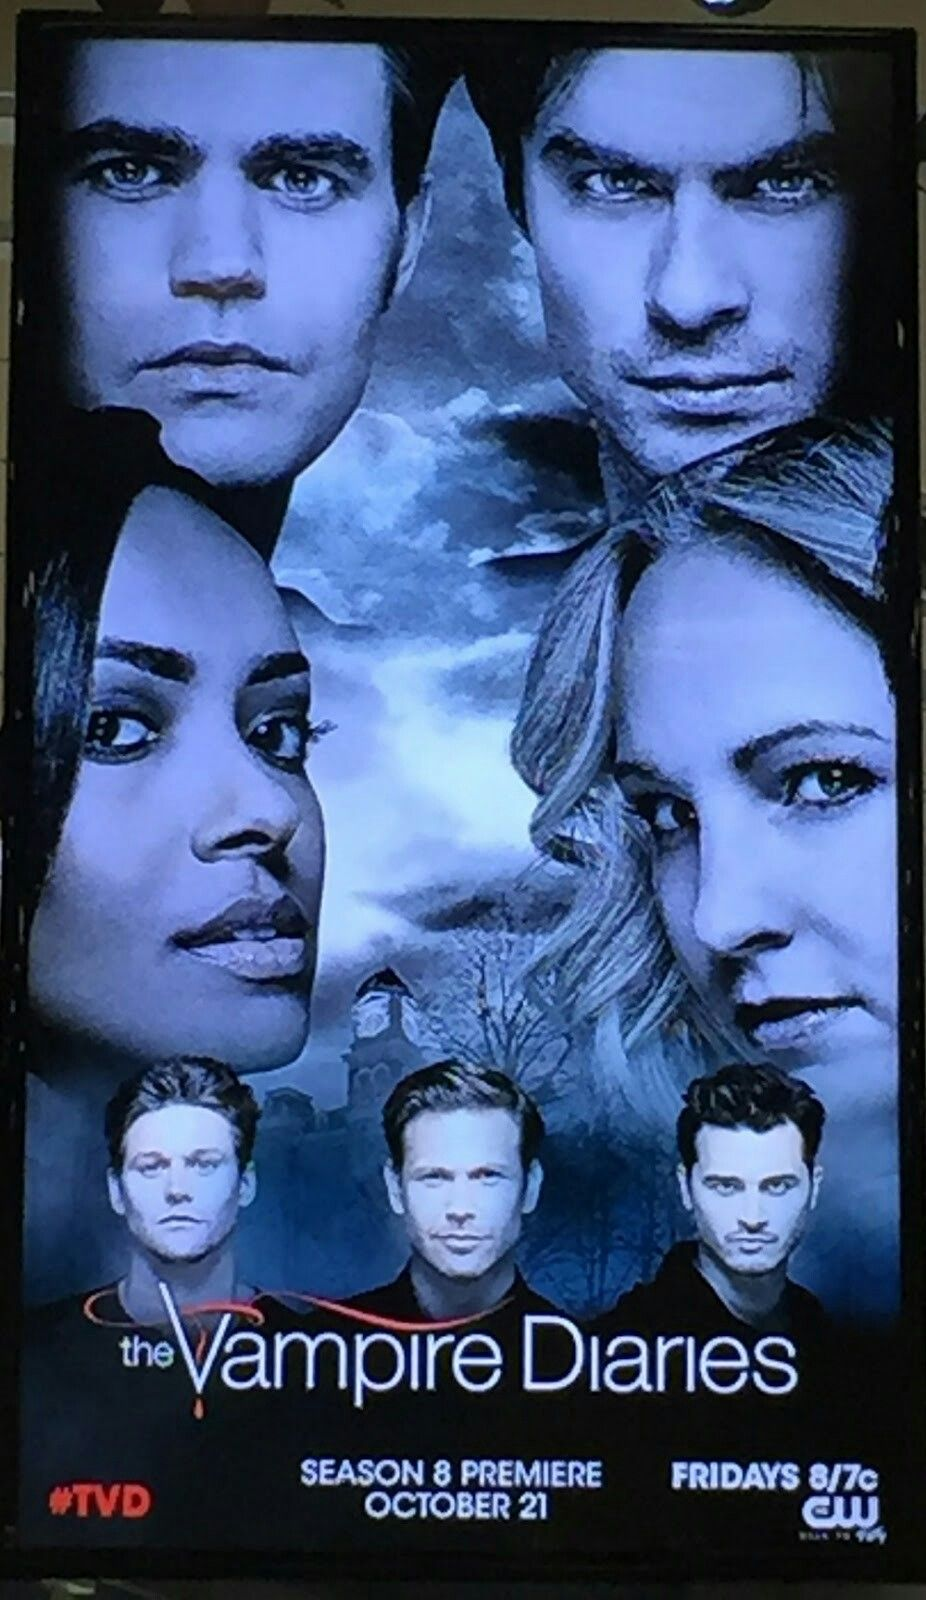 The Vampire Diaries Ssn 8 Vampire Diaries Season 7 Vampire